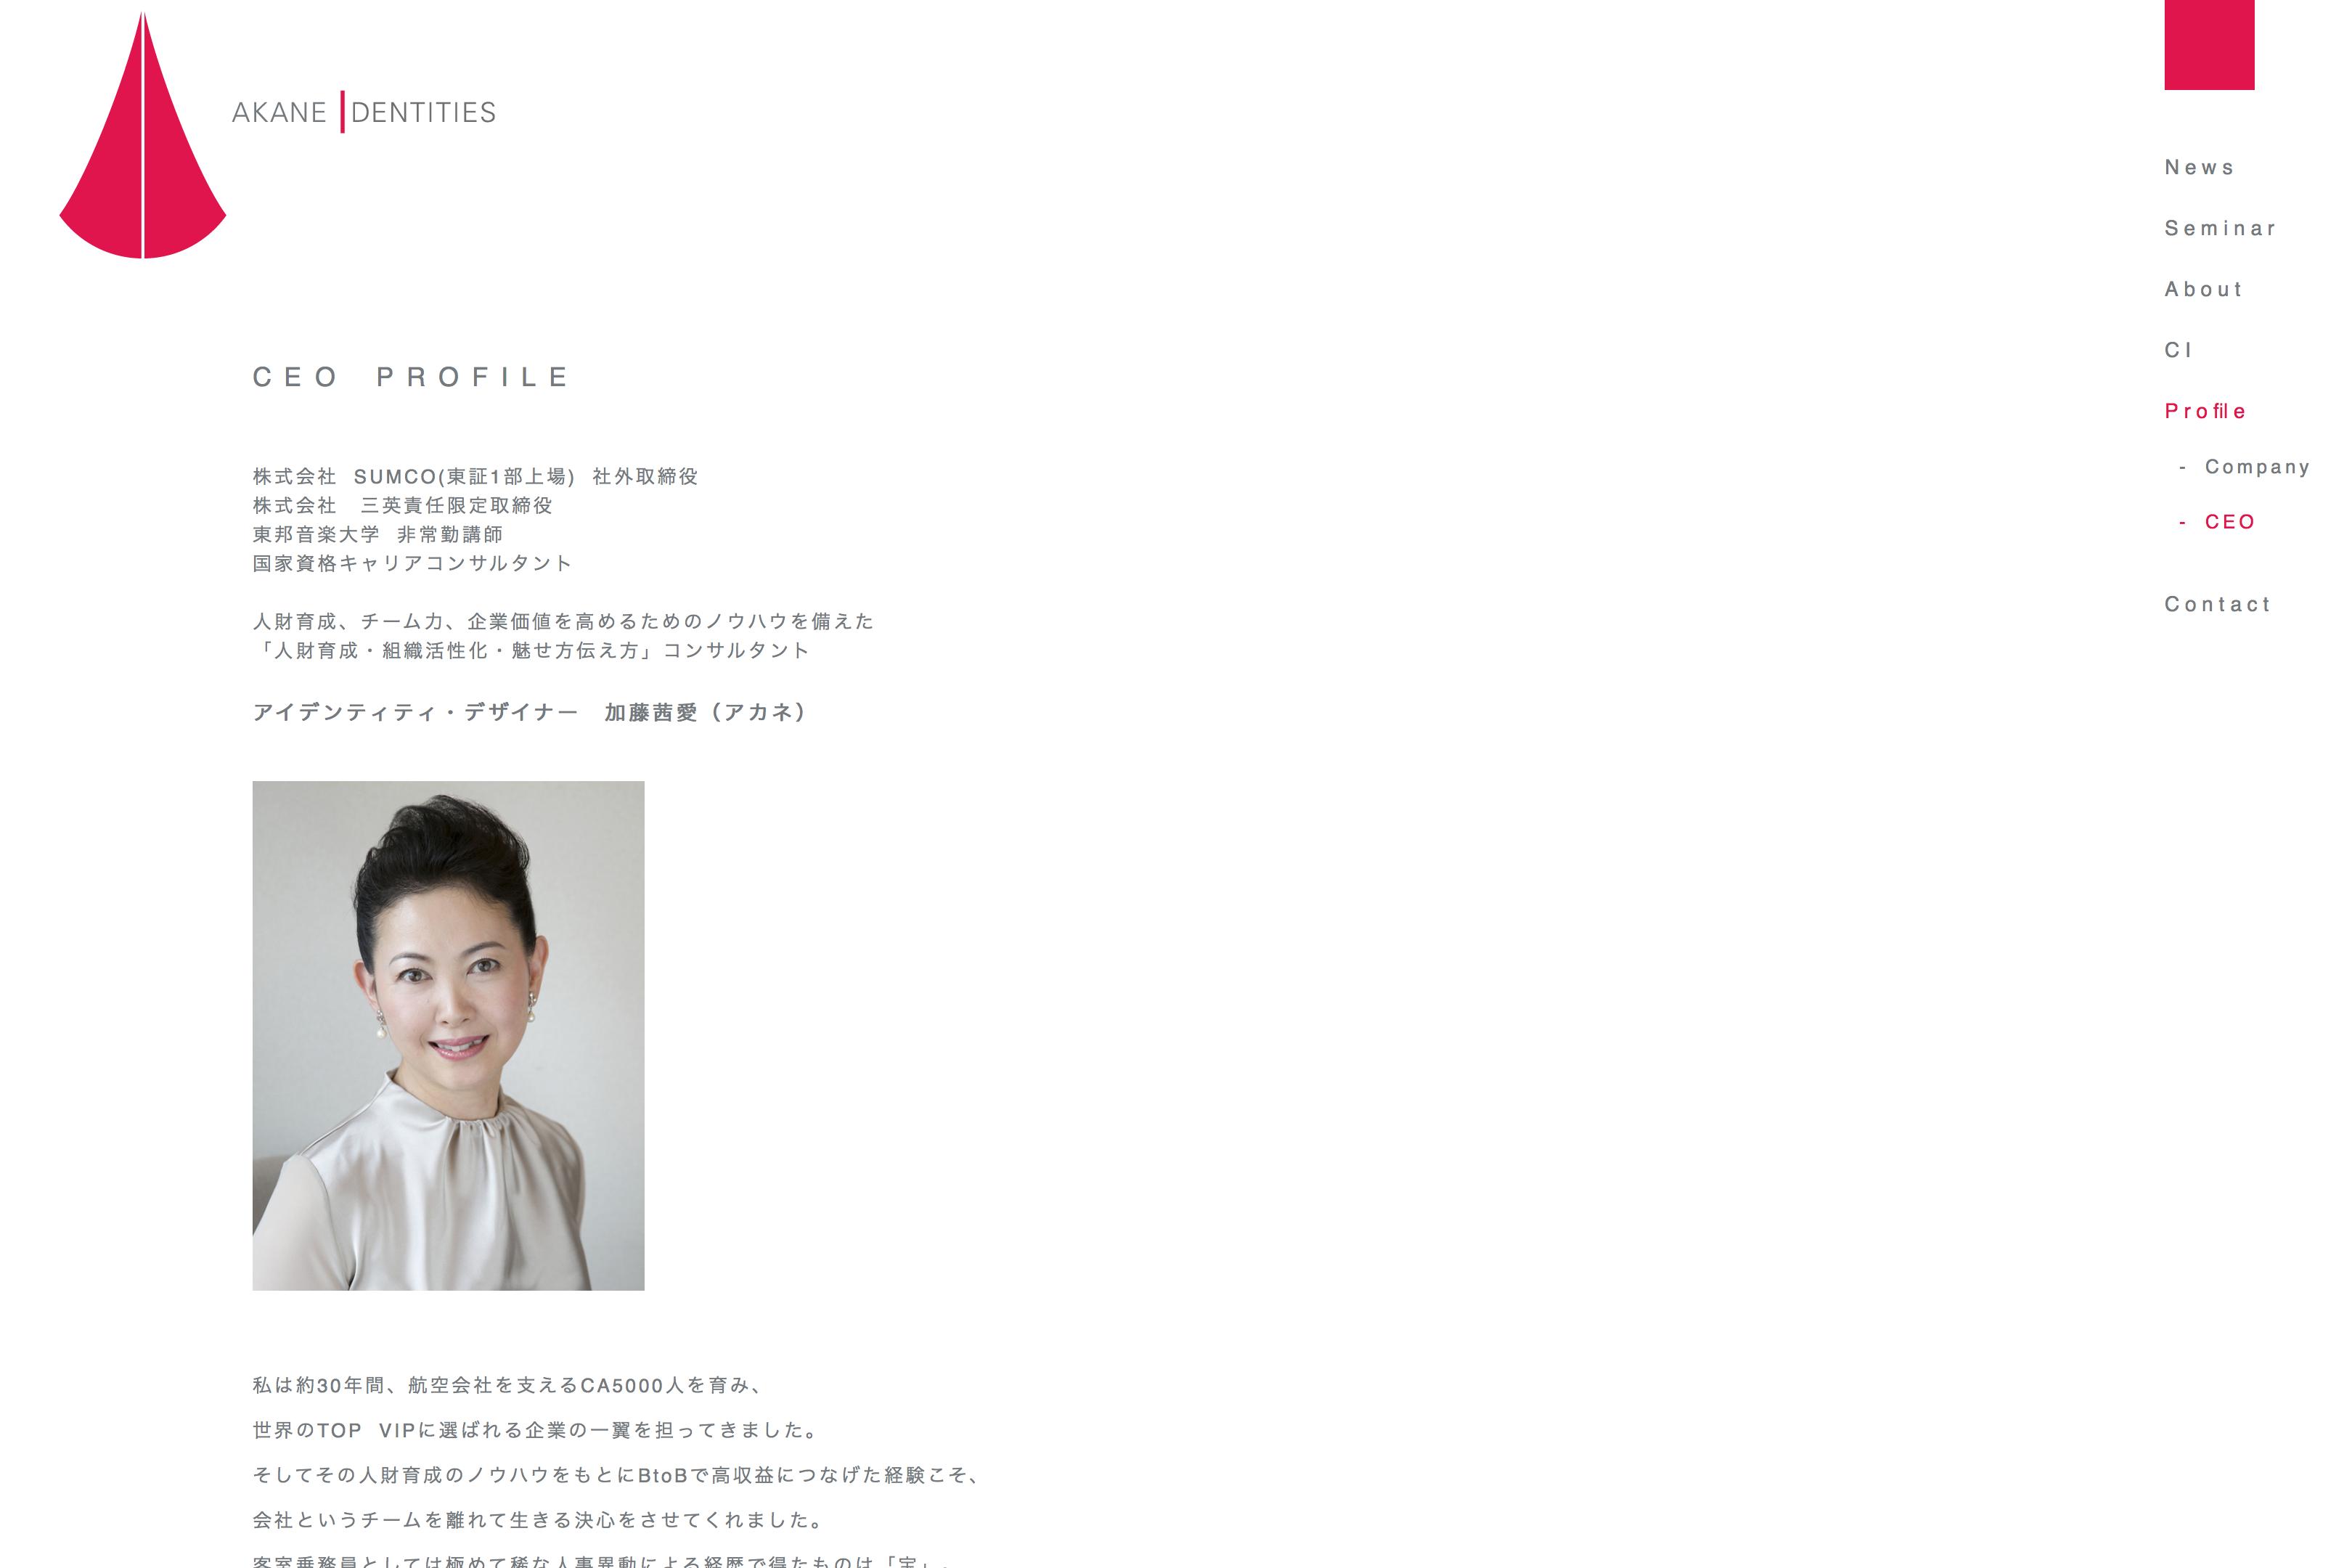 スクリーンショット 2021-09-20 11.49.02